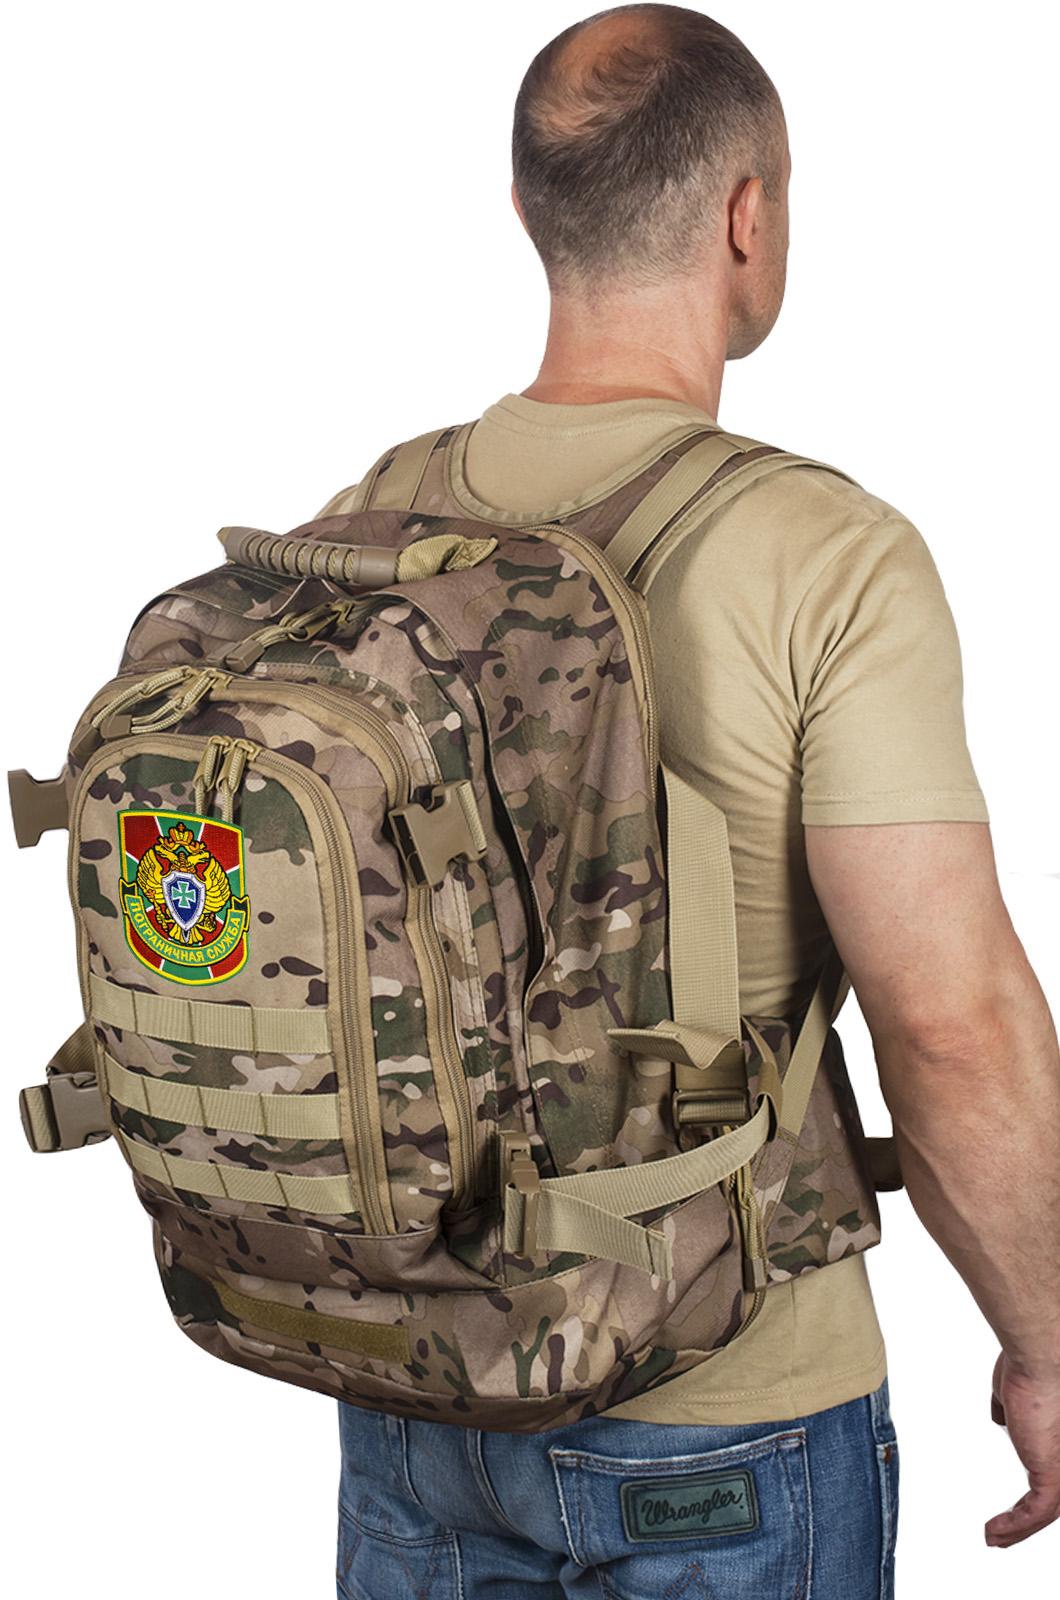 Армейский камуфляжный рюкзак  с нашивкой ПС - купить в розницу